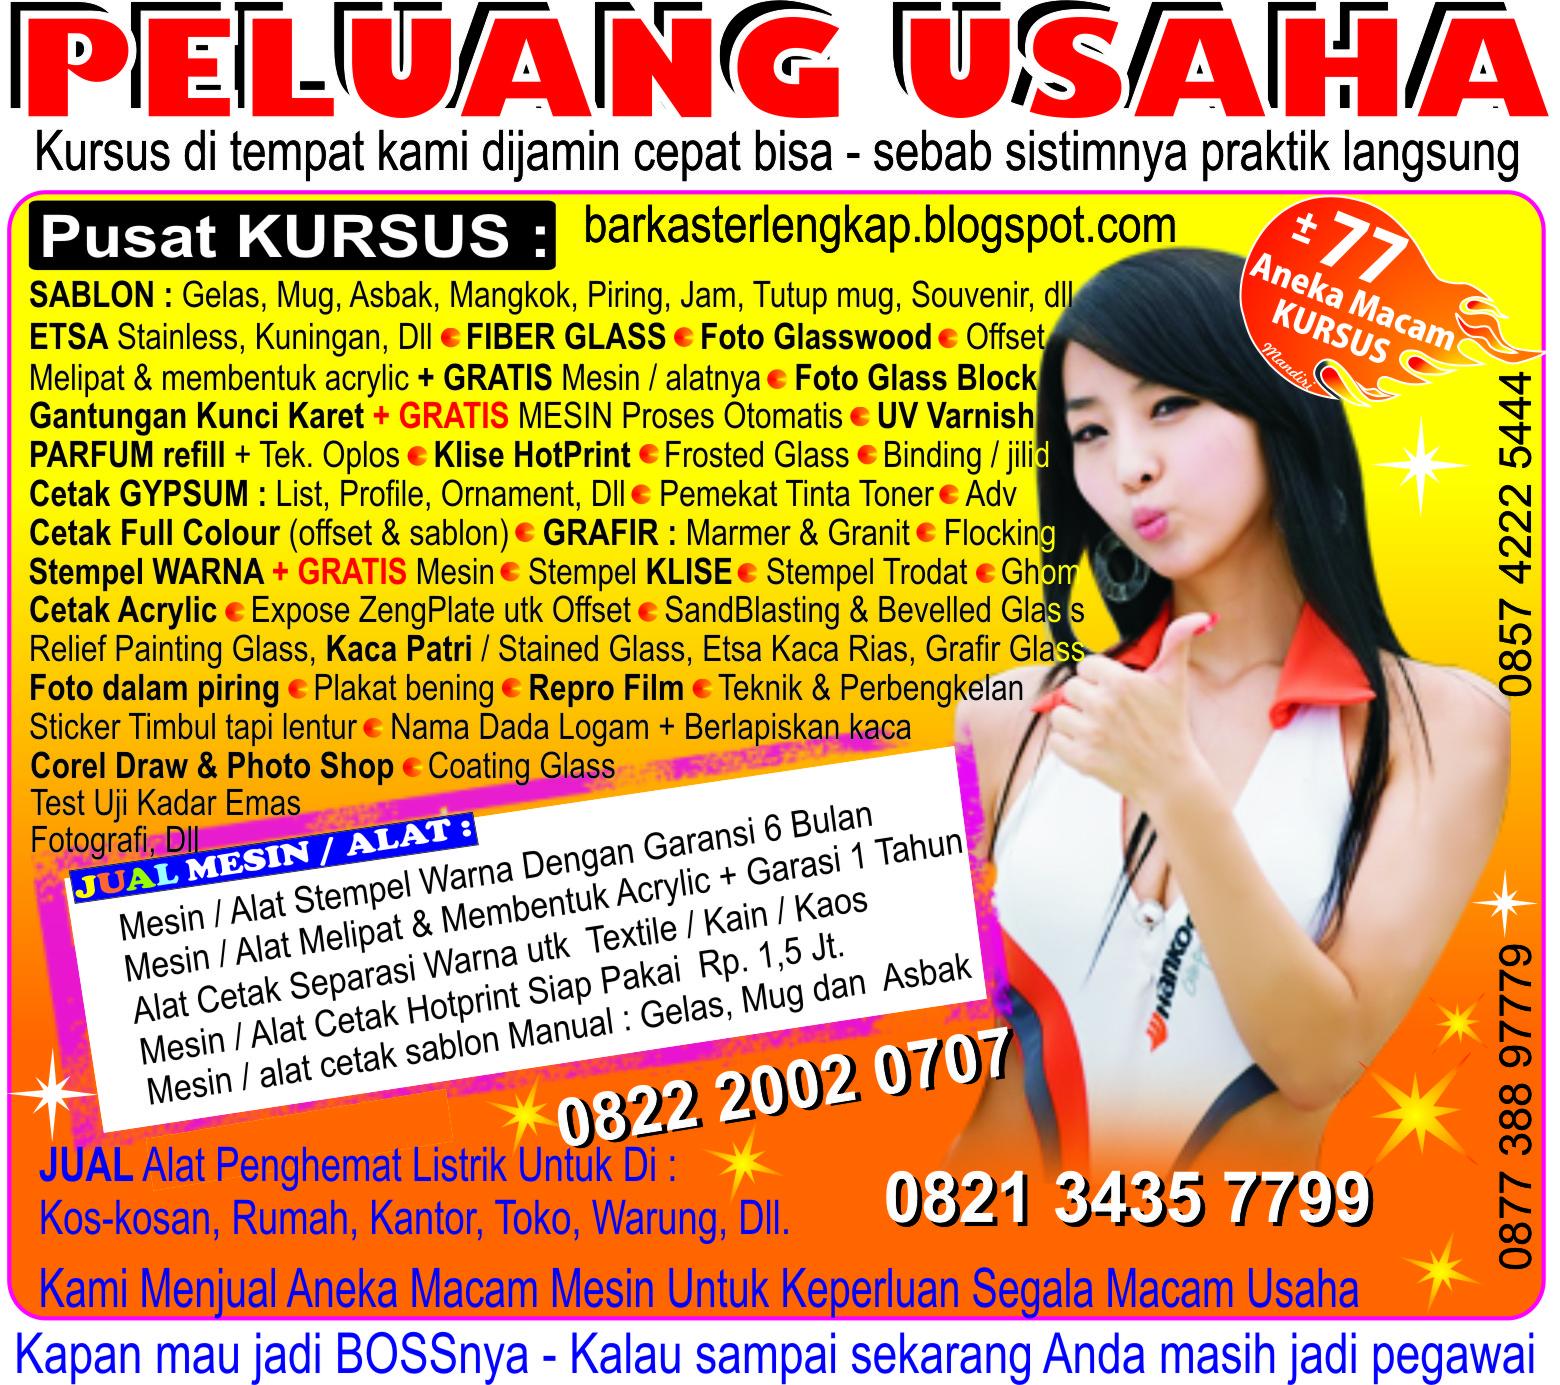 Jasa Desain Company Profile Di Cikarang: Http://www.barkasterlengkap.blogspot.com / Atau Klick